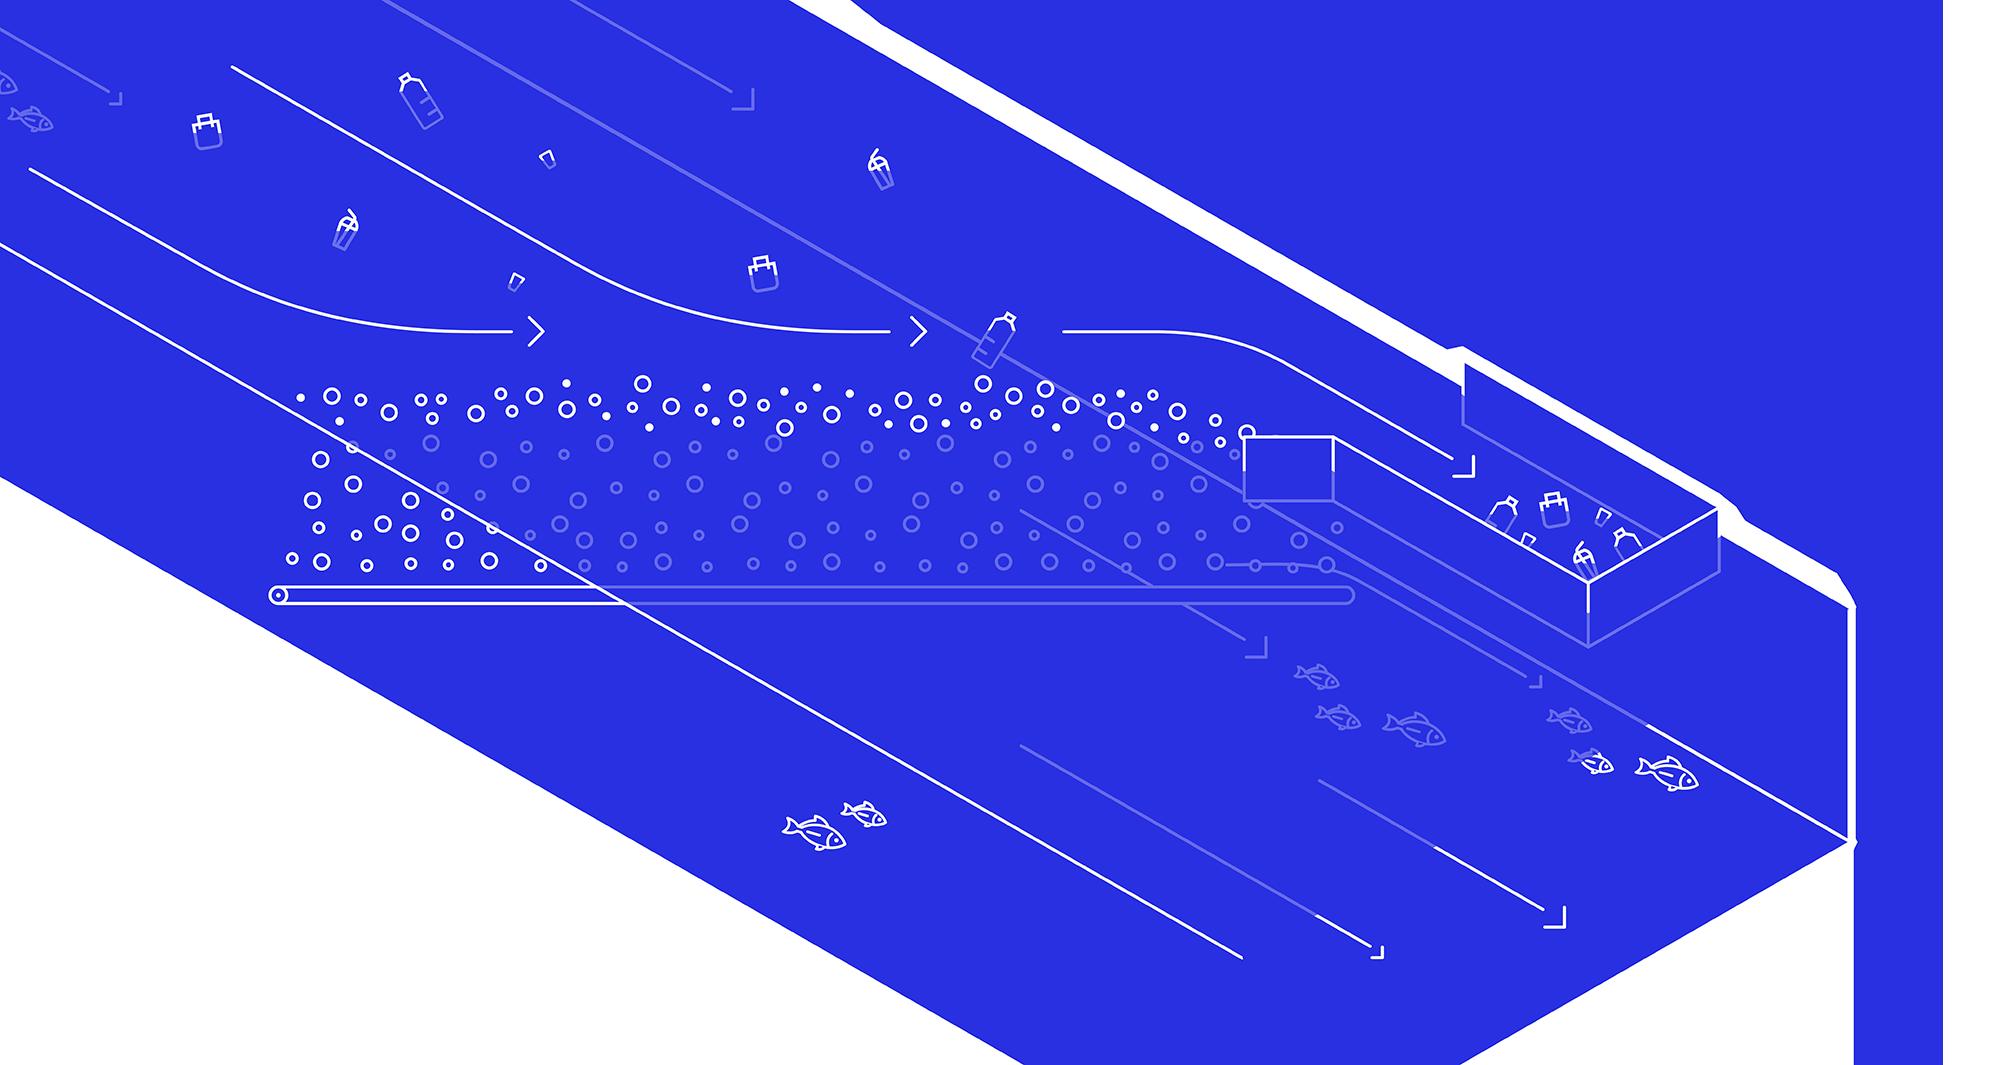 Пузыри — вверх! Речной барьер, который защищает море от пластика - 3